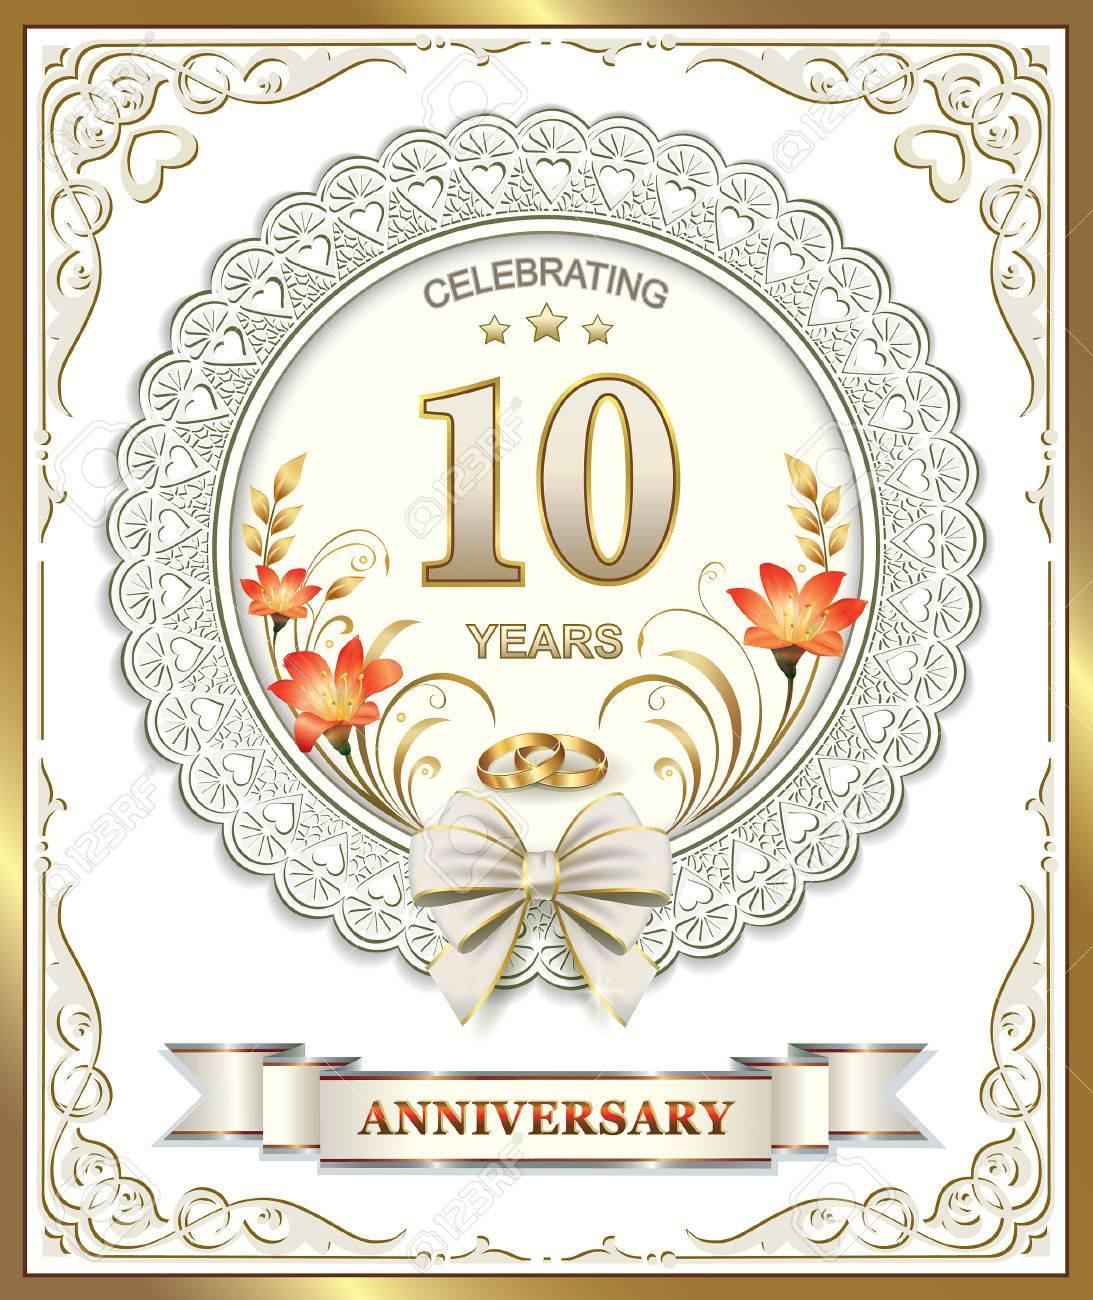 Vettoriale Biglietto Di Auguri Con 10 Anniversario Di Matrimonio